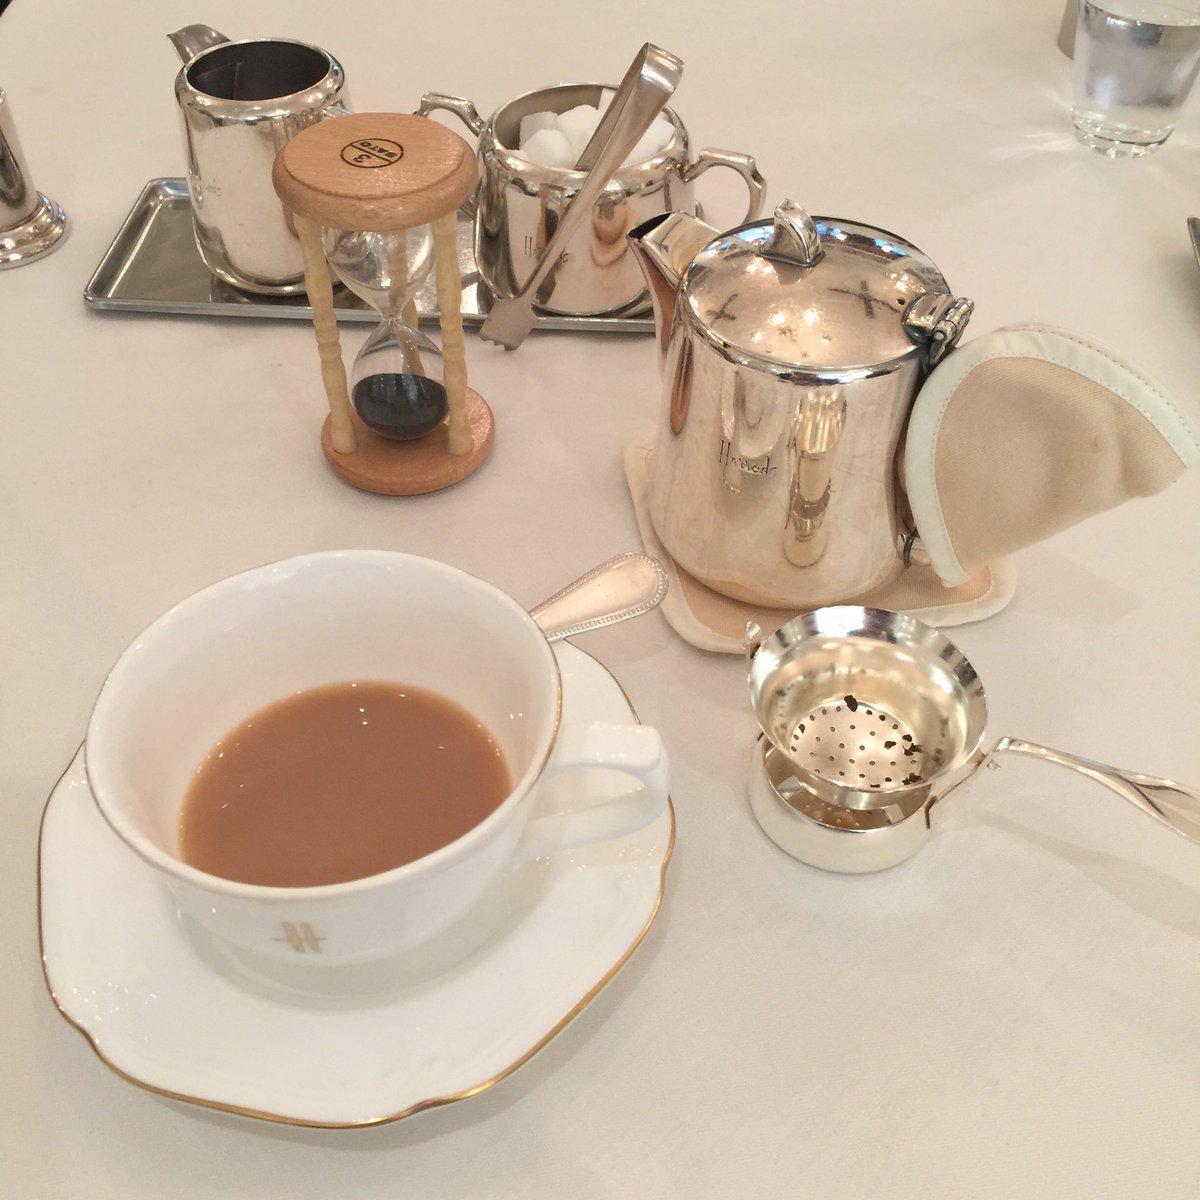 今日は雨が降っていて、なんとなく重たいお天気☔️なので気分転換に美味しいお茶を飲みに来ました!(*^◯^*)せっかくなの